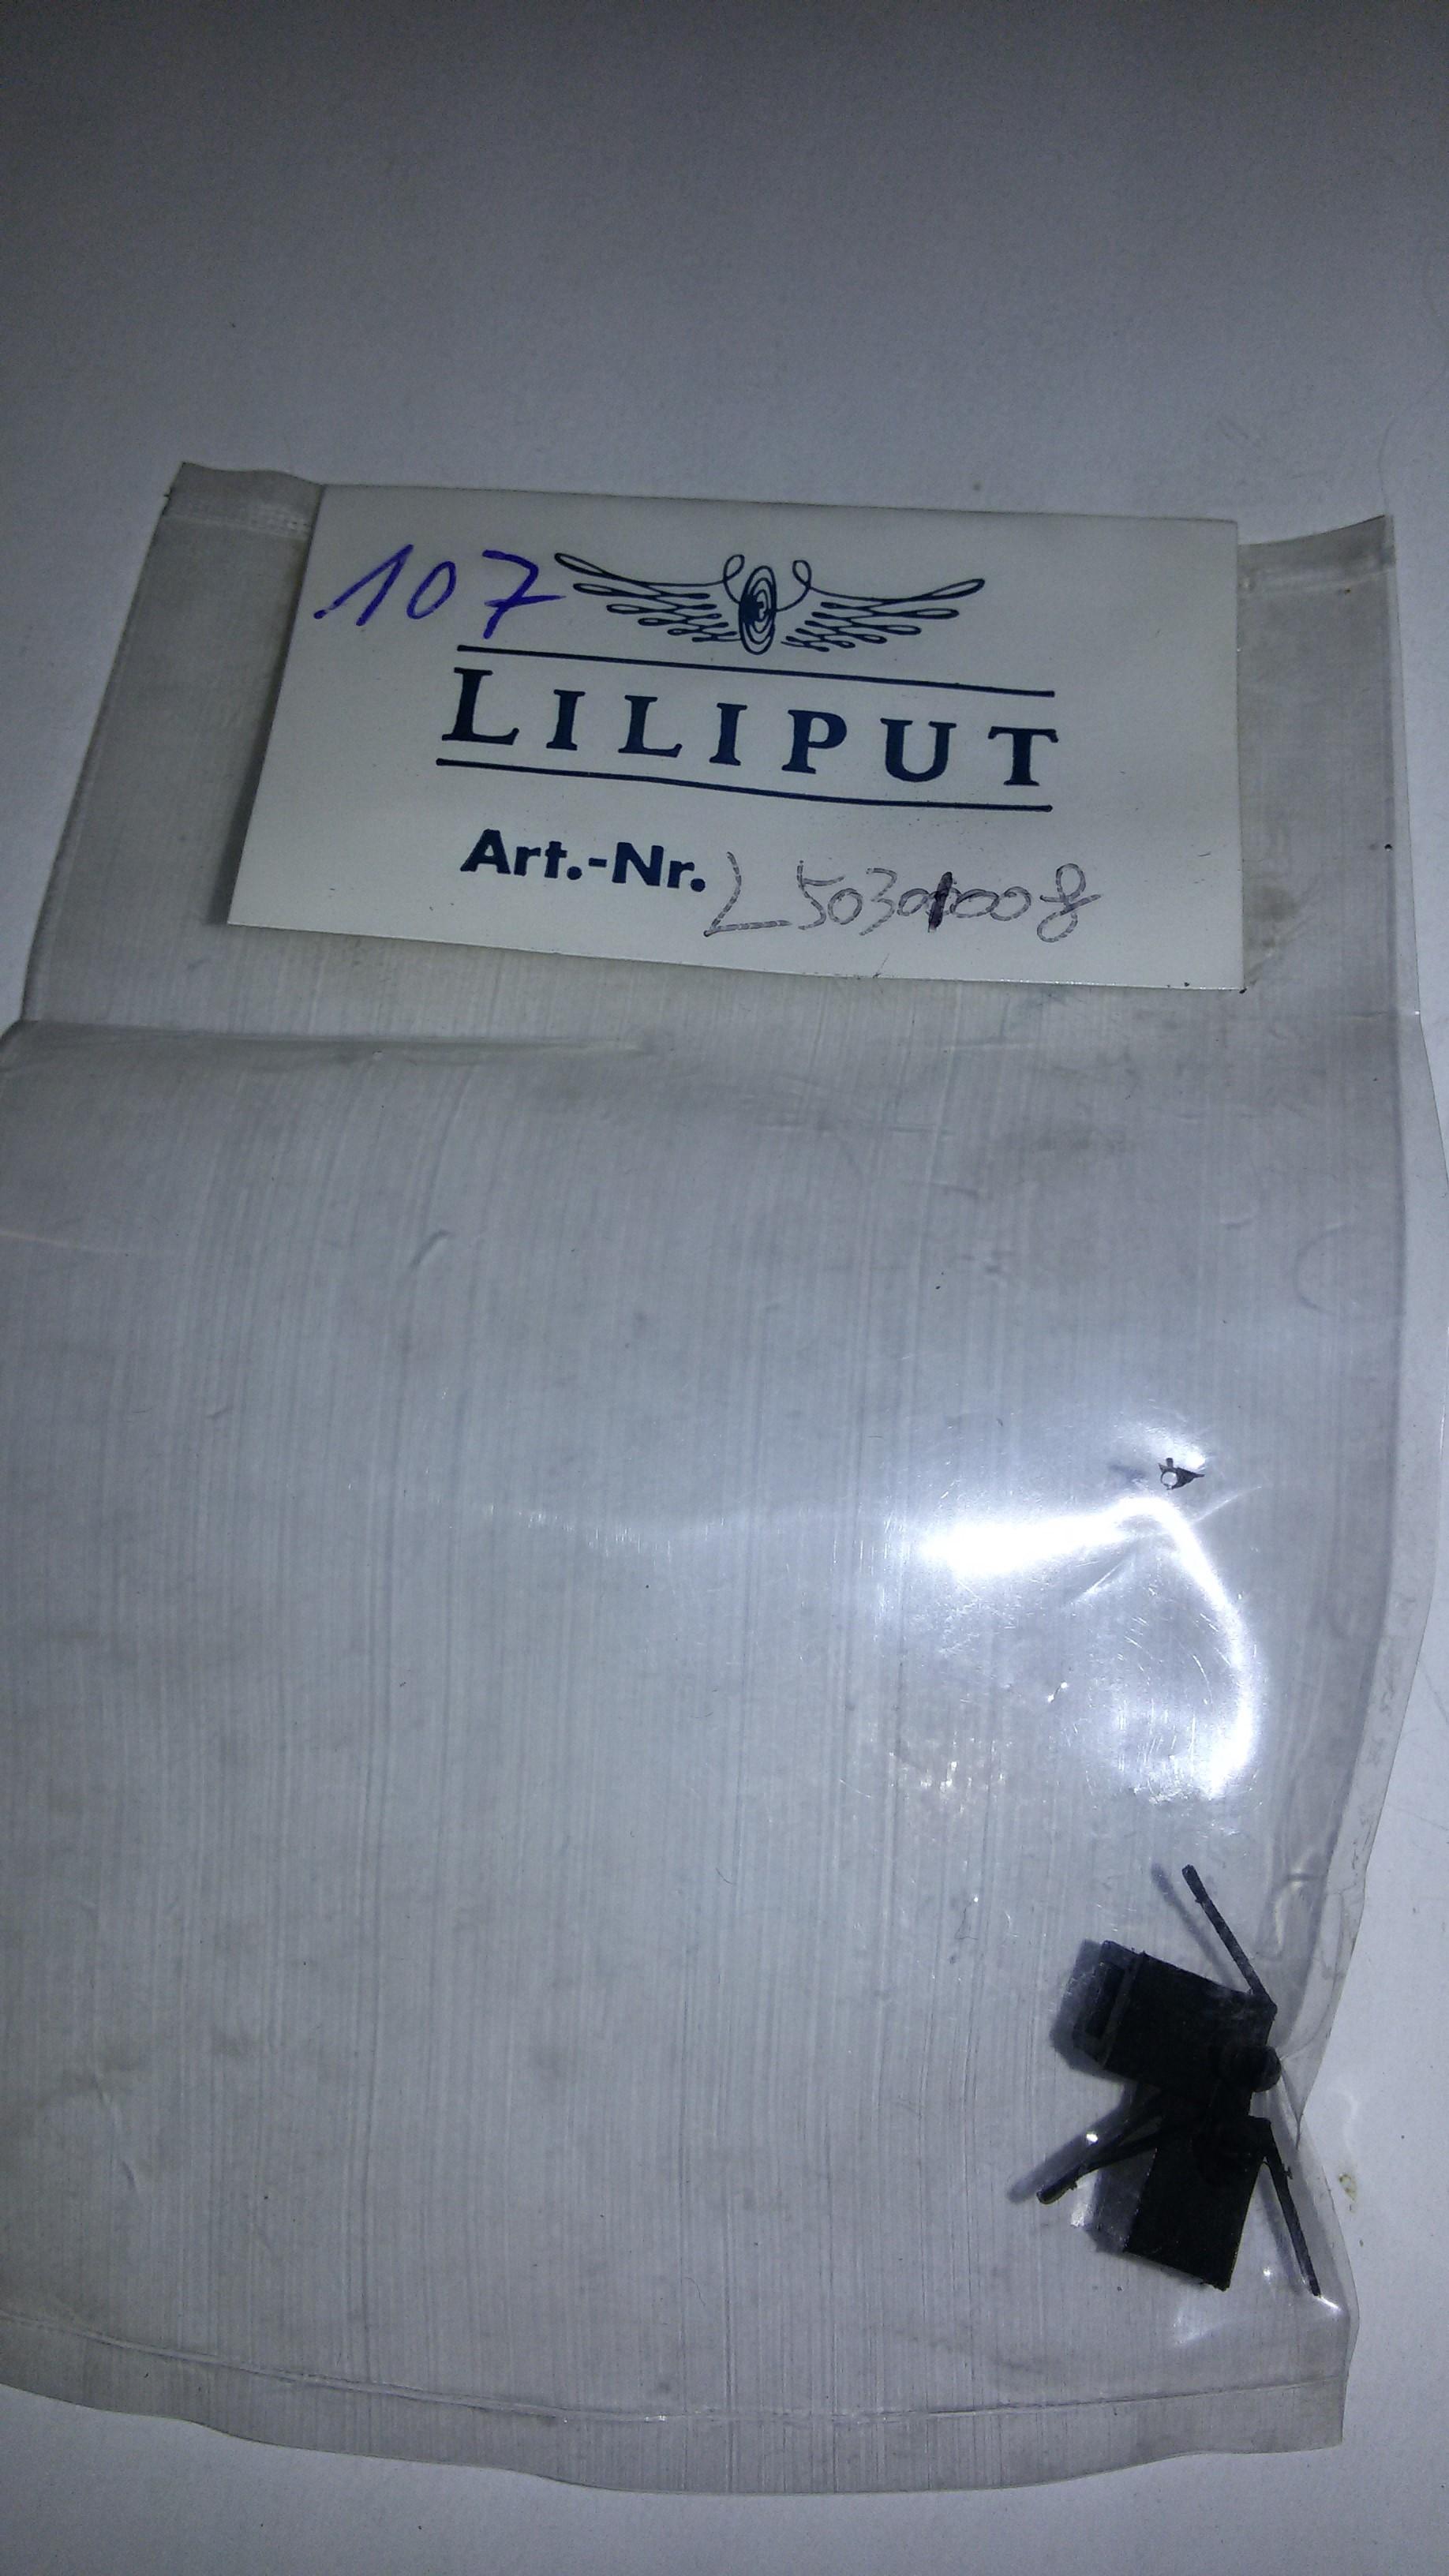 *LO 107* Liliput Ersatzteil L50301008 Kupplungsschacht L103010